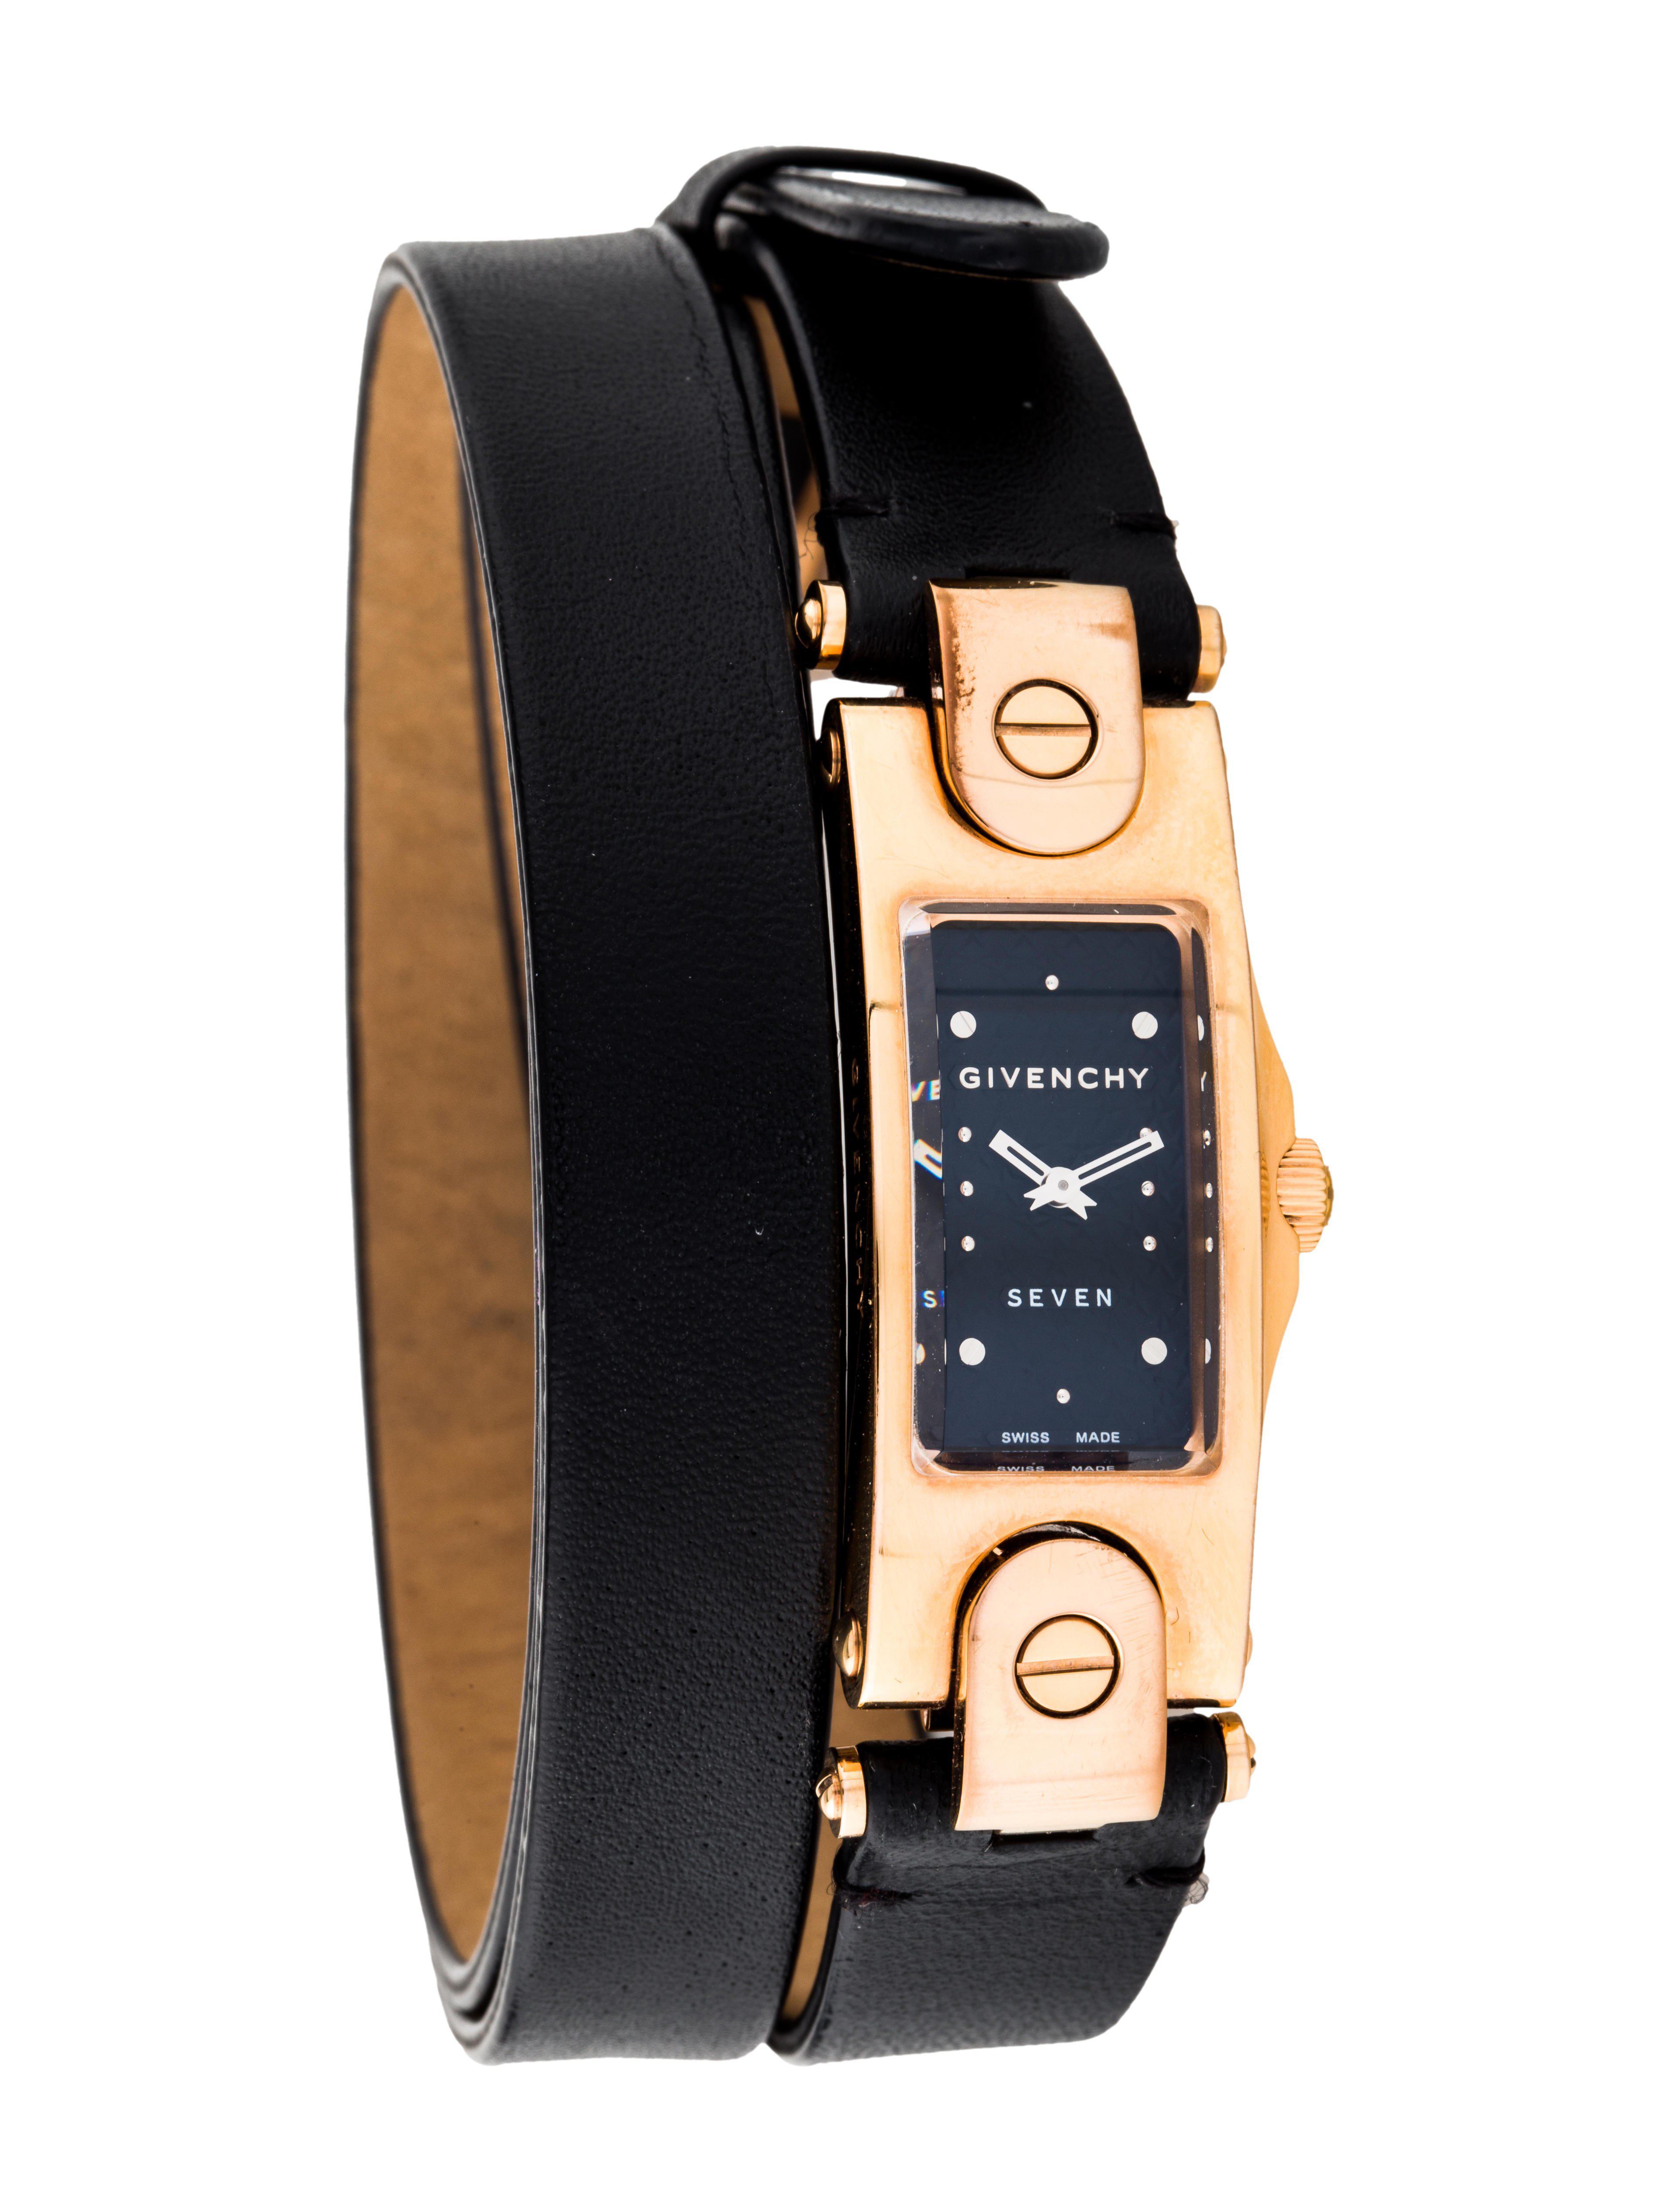 Leather Bondage Watch